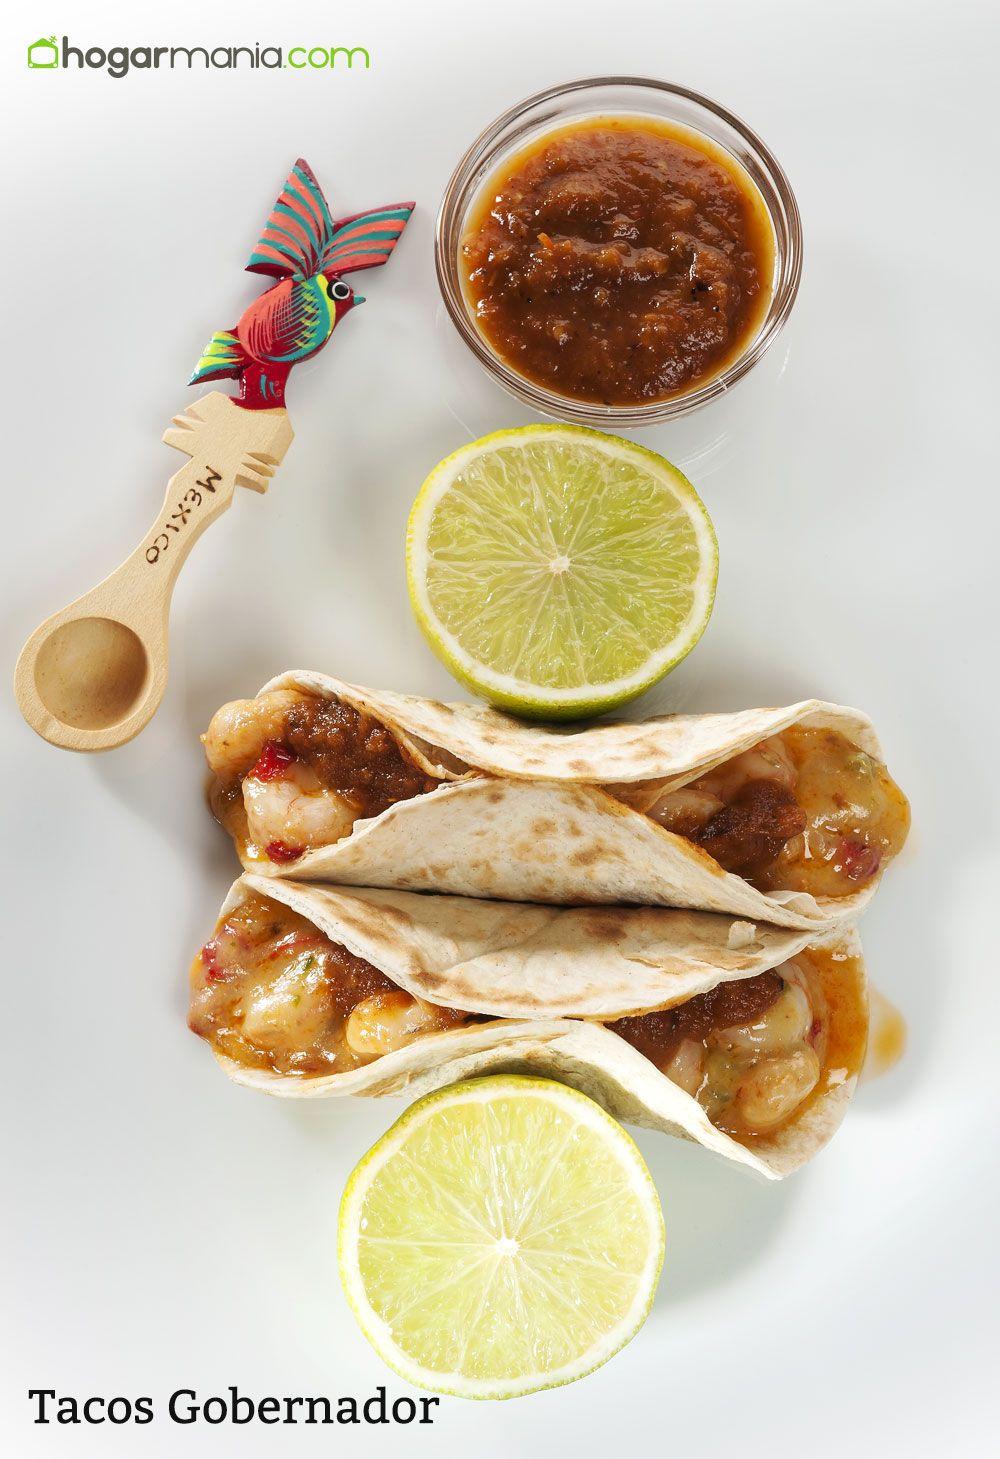 Tacos Gobernador